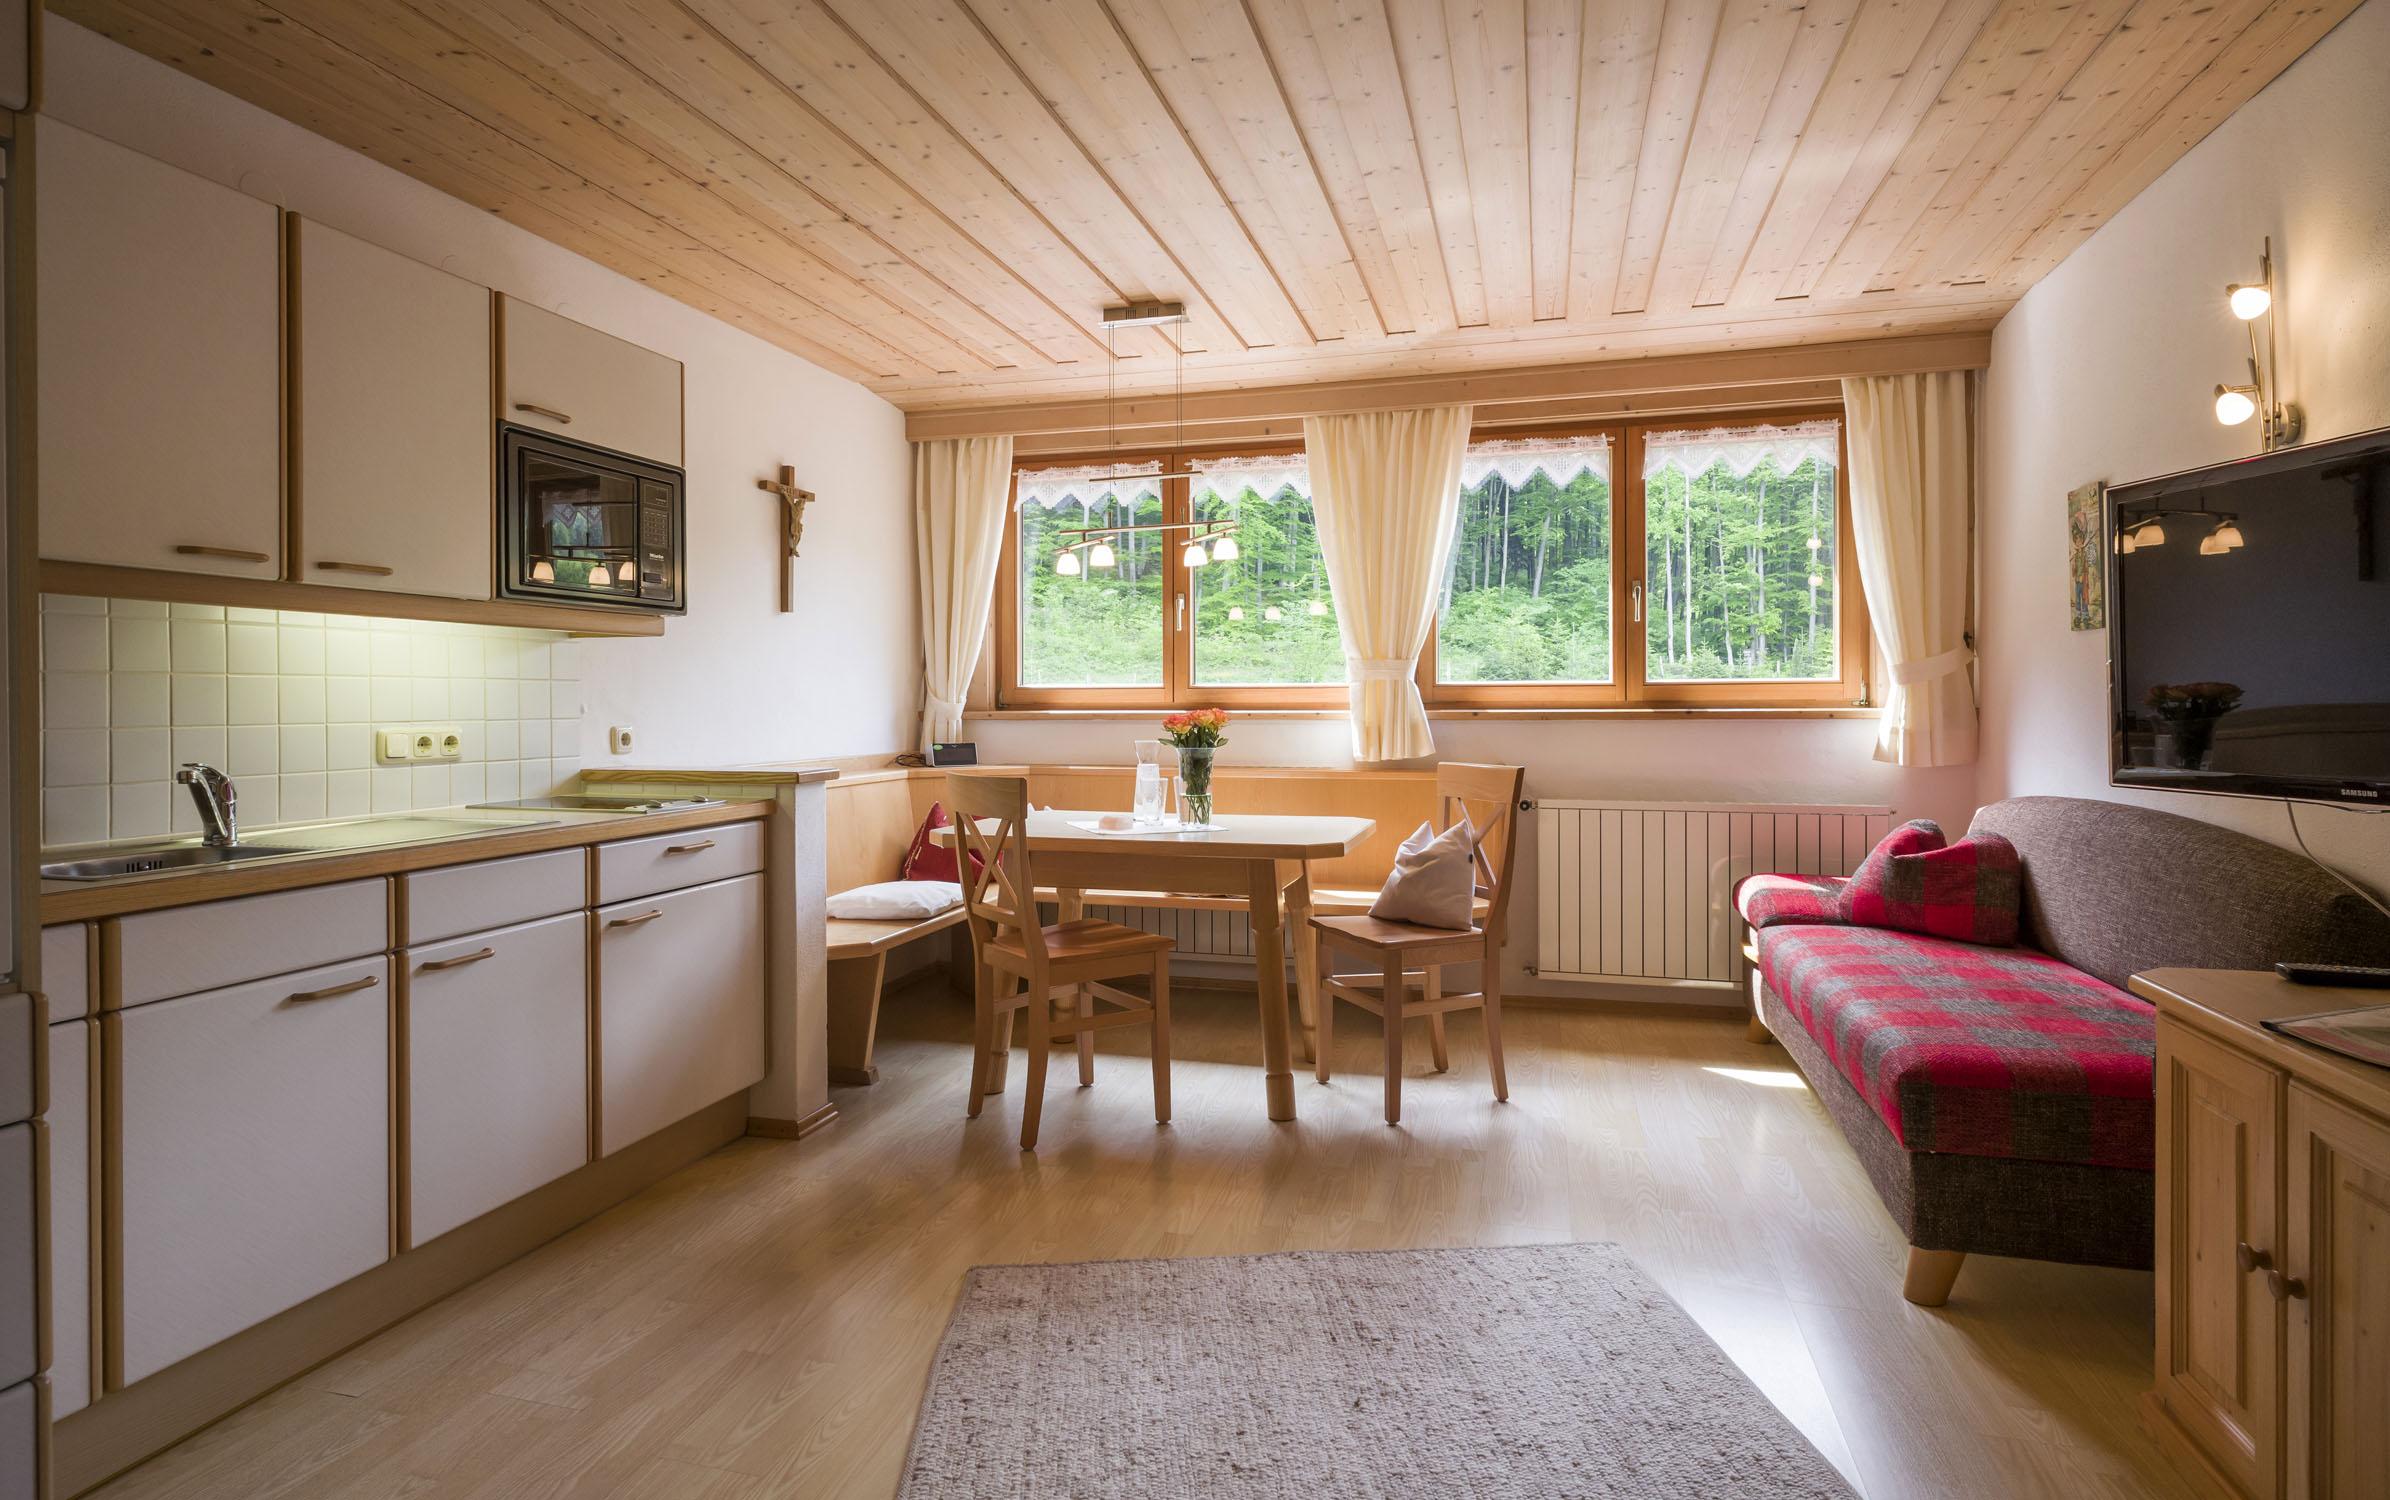 Ferienwohnung Ferienwohnungen Osterauer (DE Oberaudorf). 3-Zimmer Ferienwohnung (709978), Oberaudorf, Chiemgau, Bayern, Deutschland, Bild 15